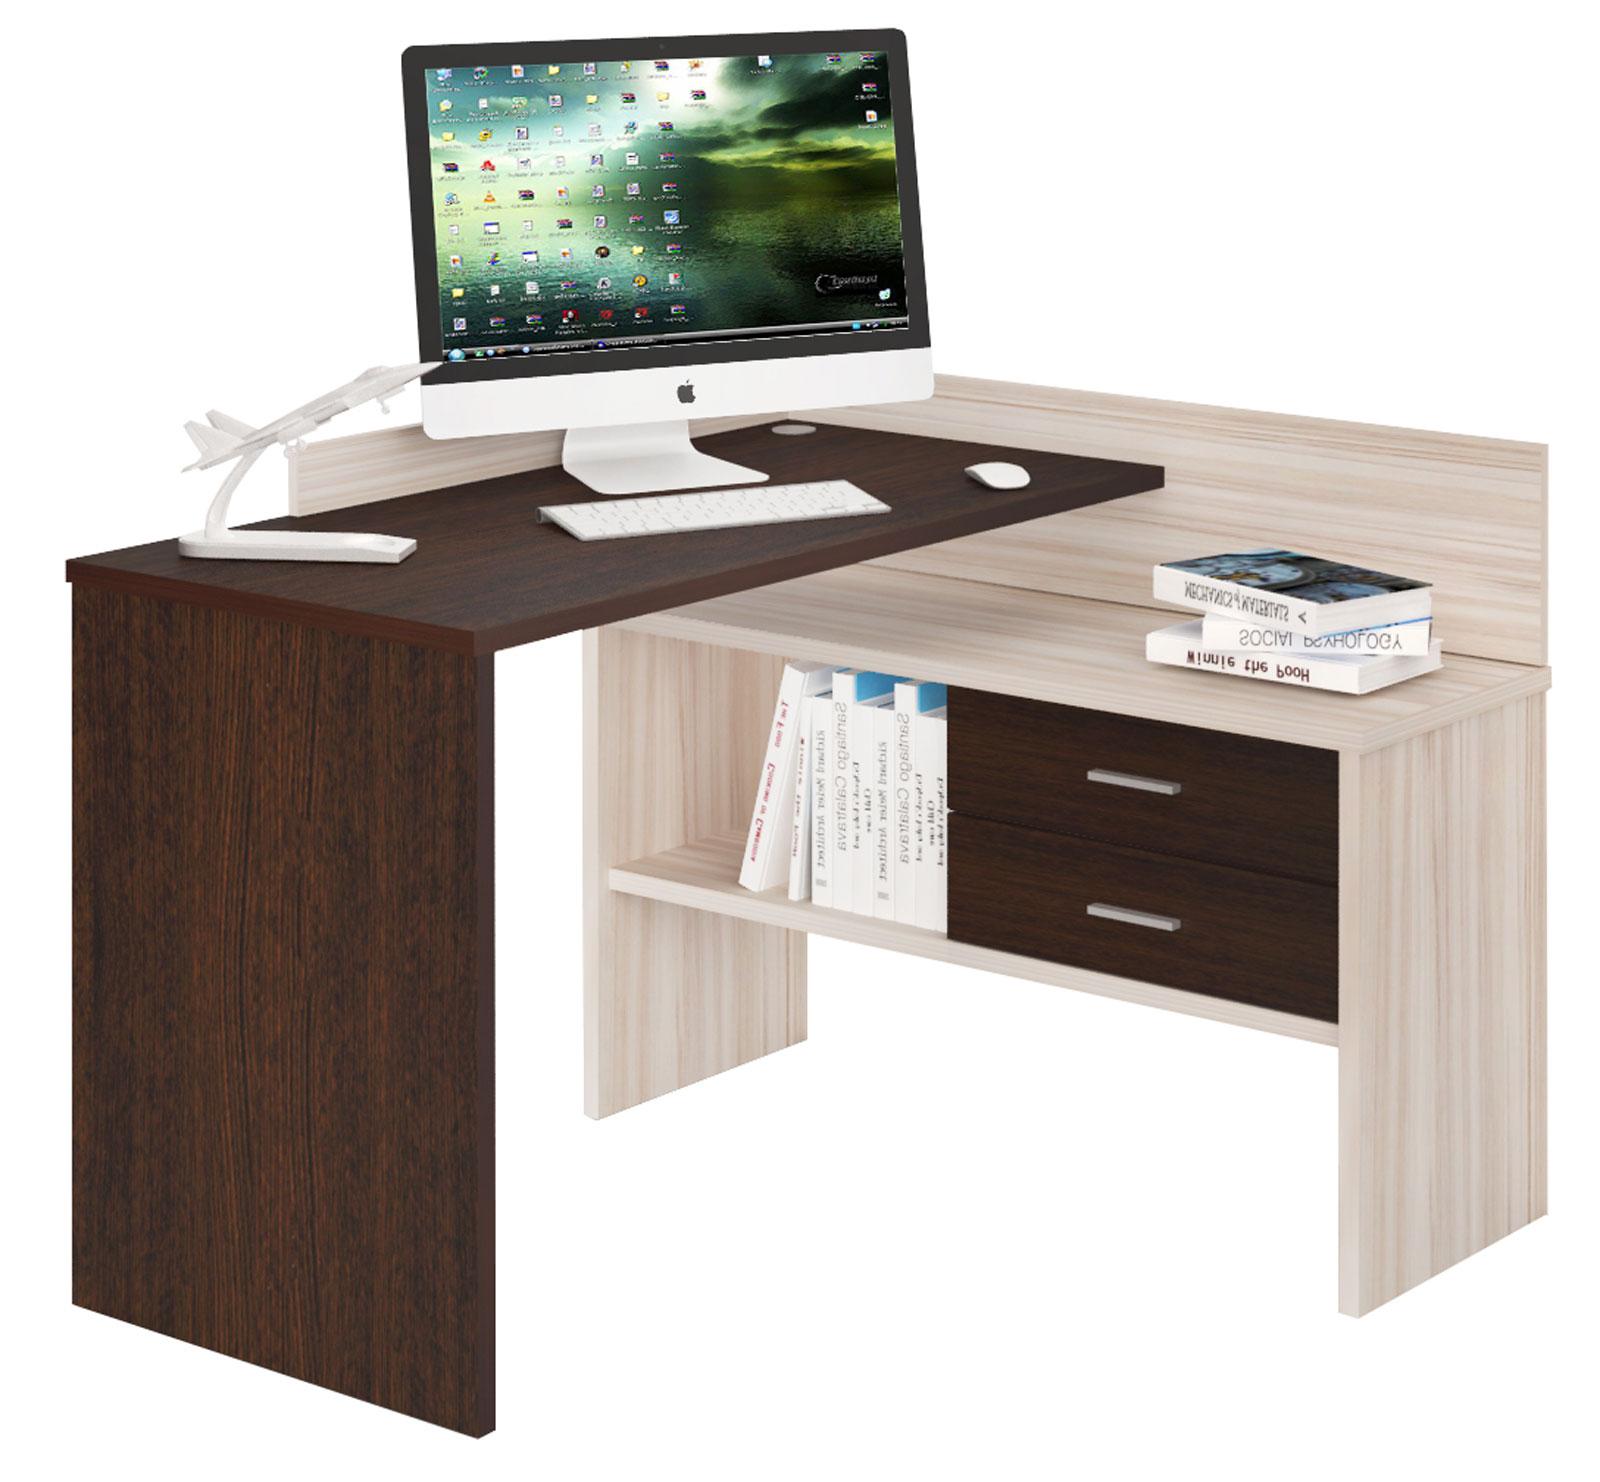 Столы - компьютерные - стол компьютерный арт. скм-120 - мэрд.